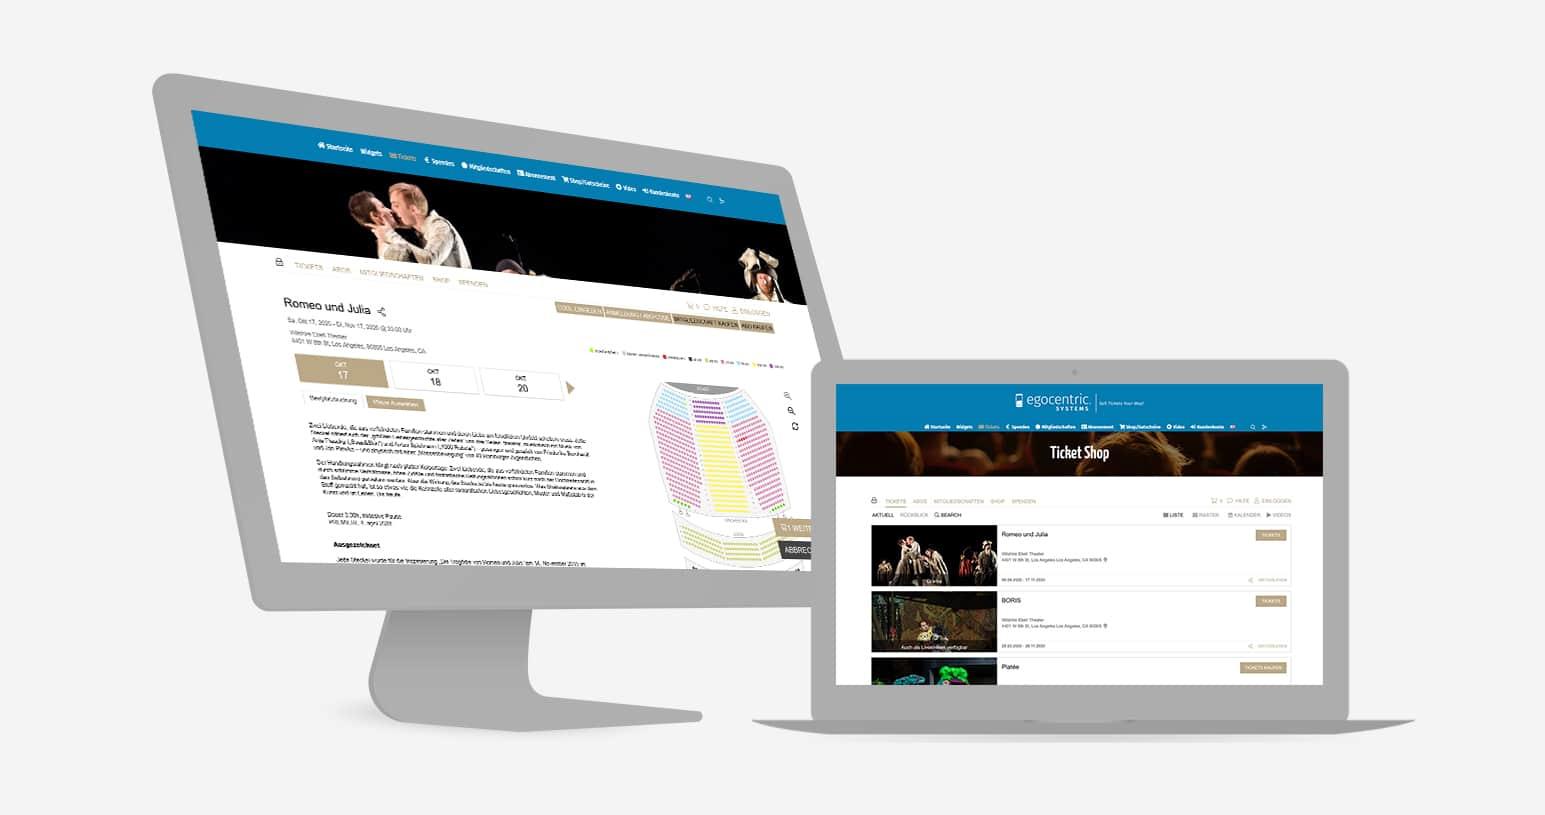 Verkaufe Deine eigenen Tickets für Dein Theater mit der Event Ticketing Software von egocentric Systems